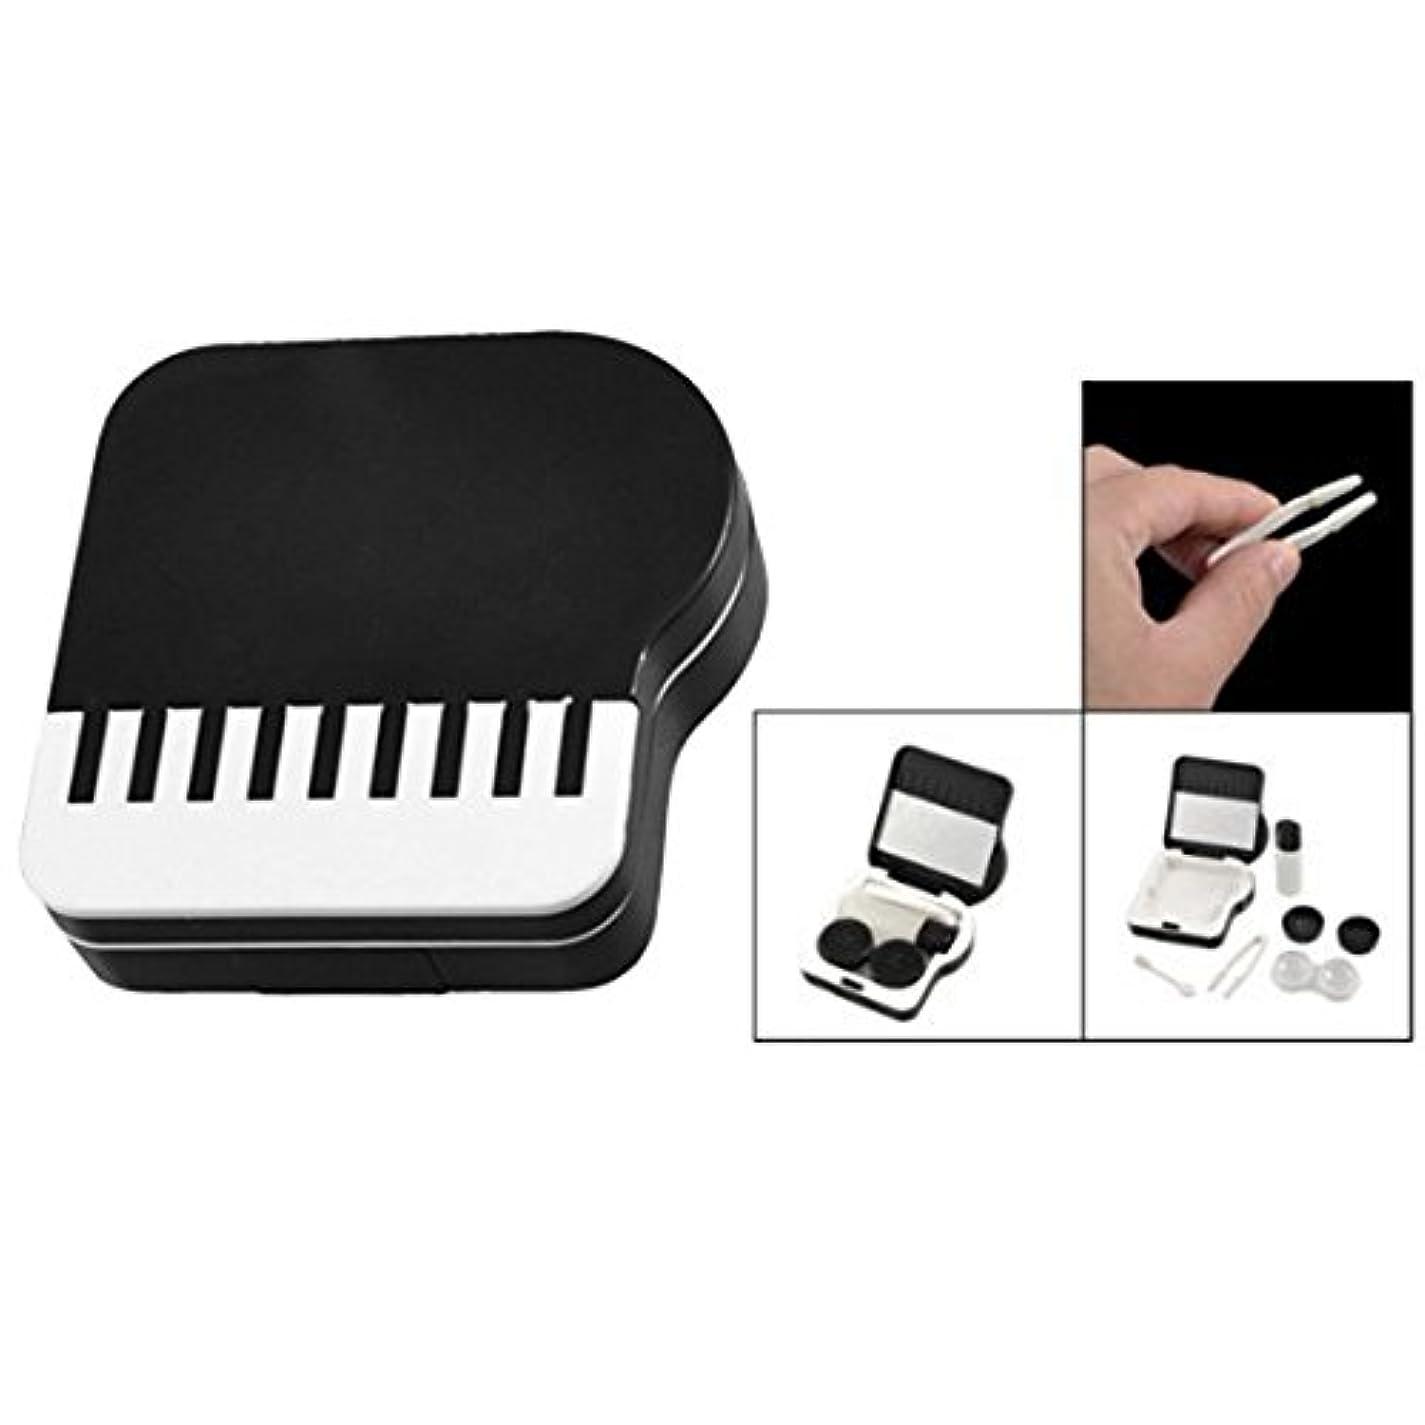 ACAMPTAR ピアノのデザイン 目に見えないコンタクトレンズボックス ケース-黒&白